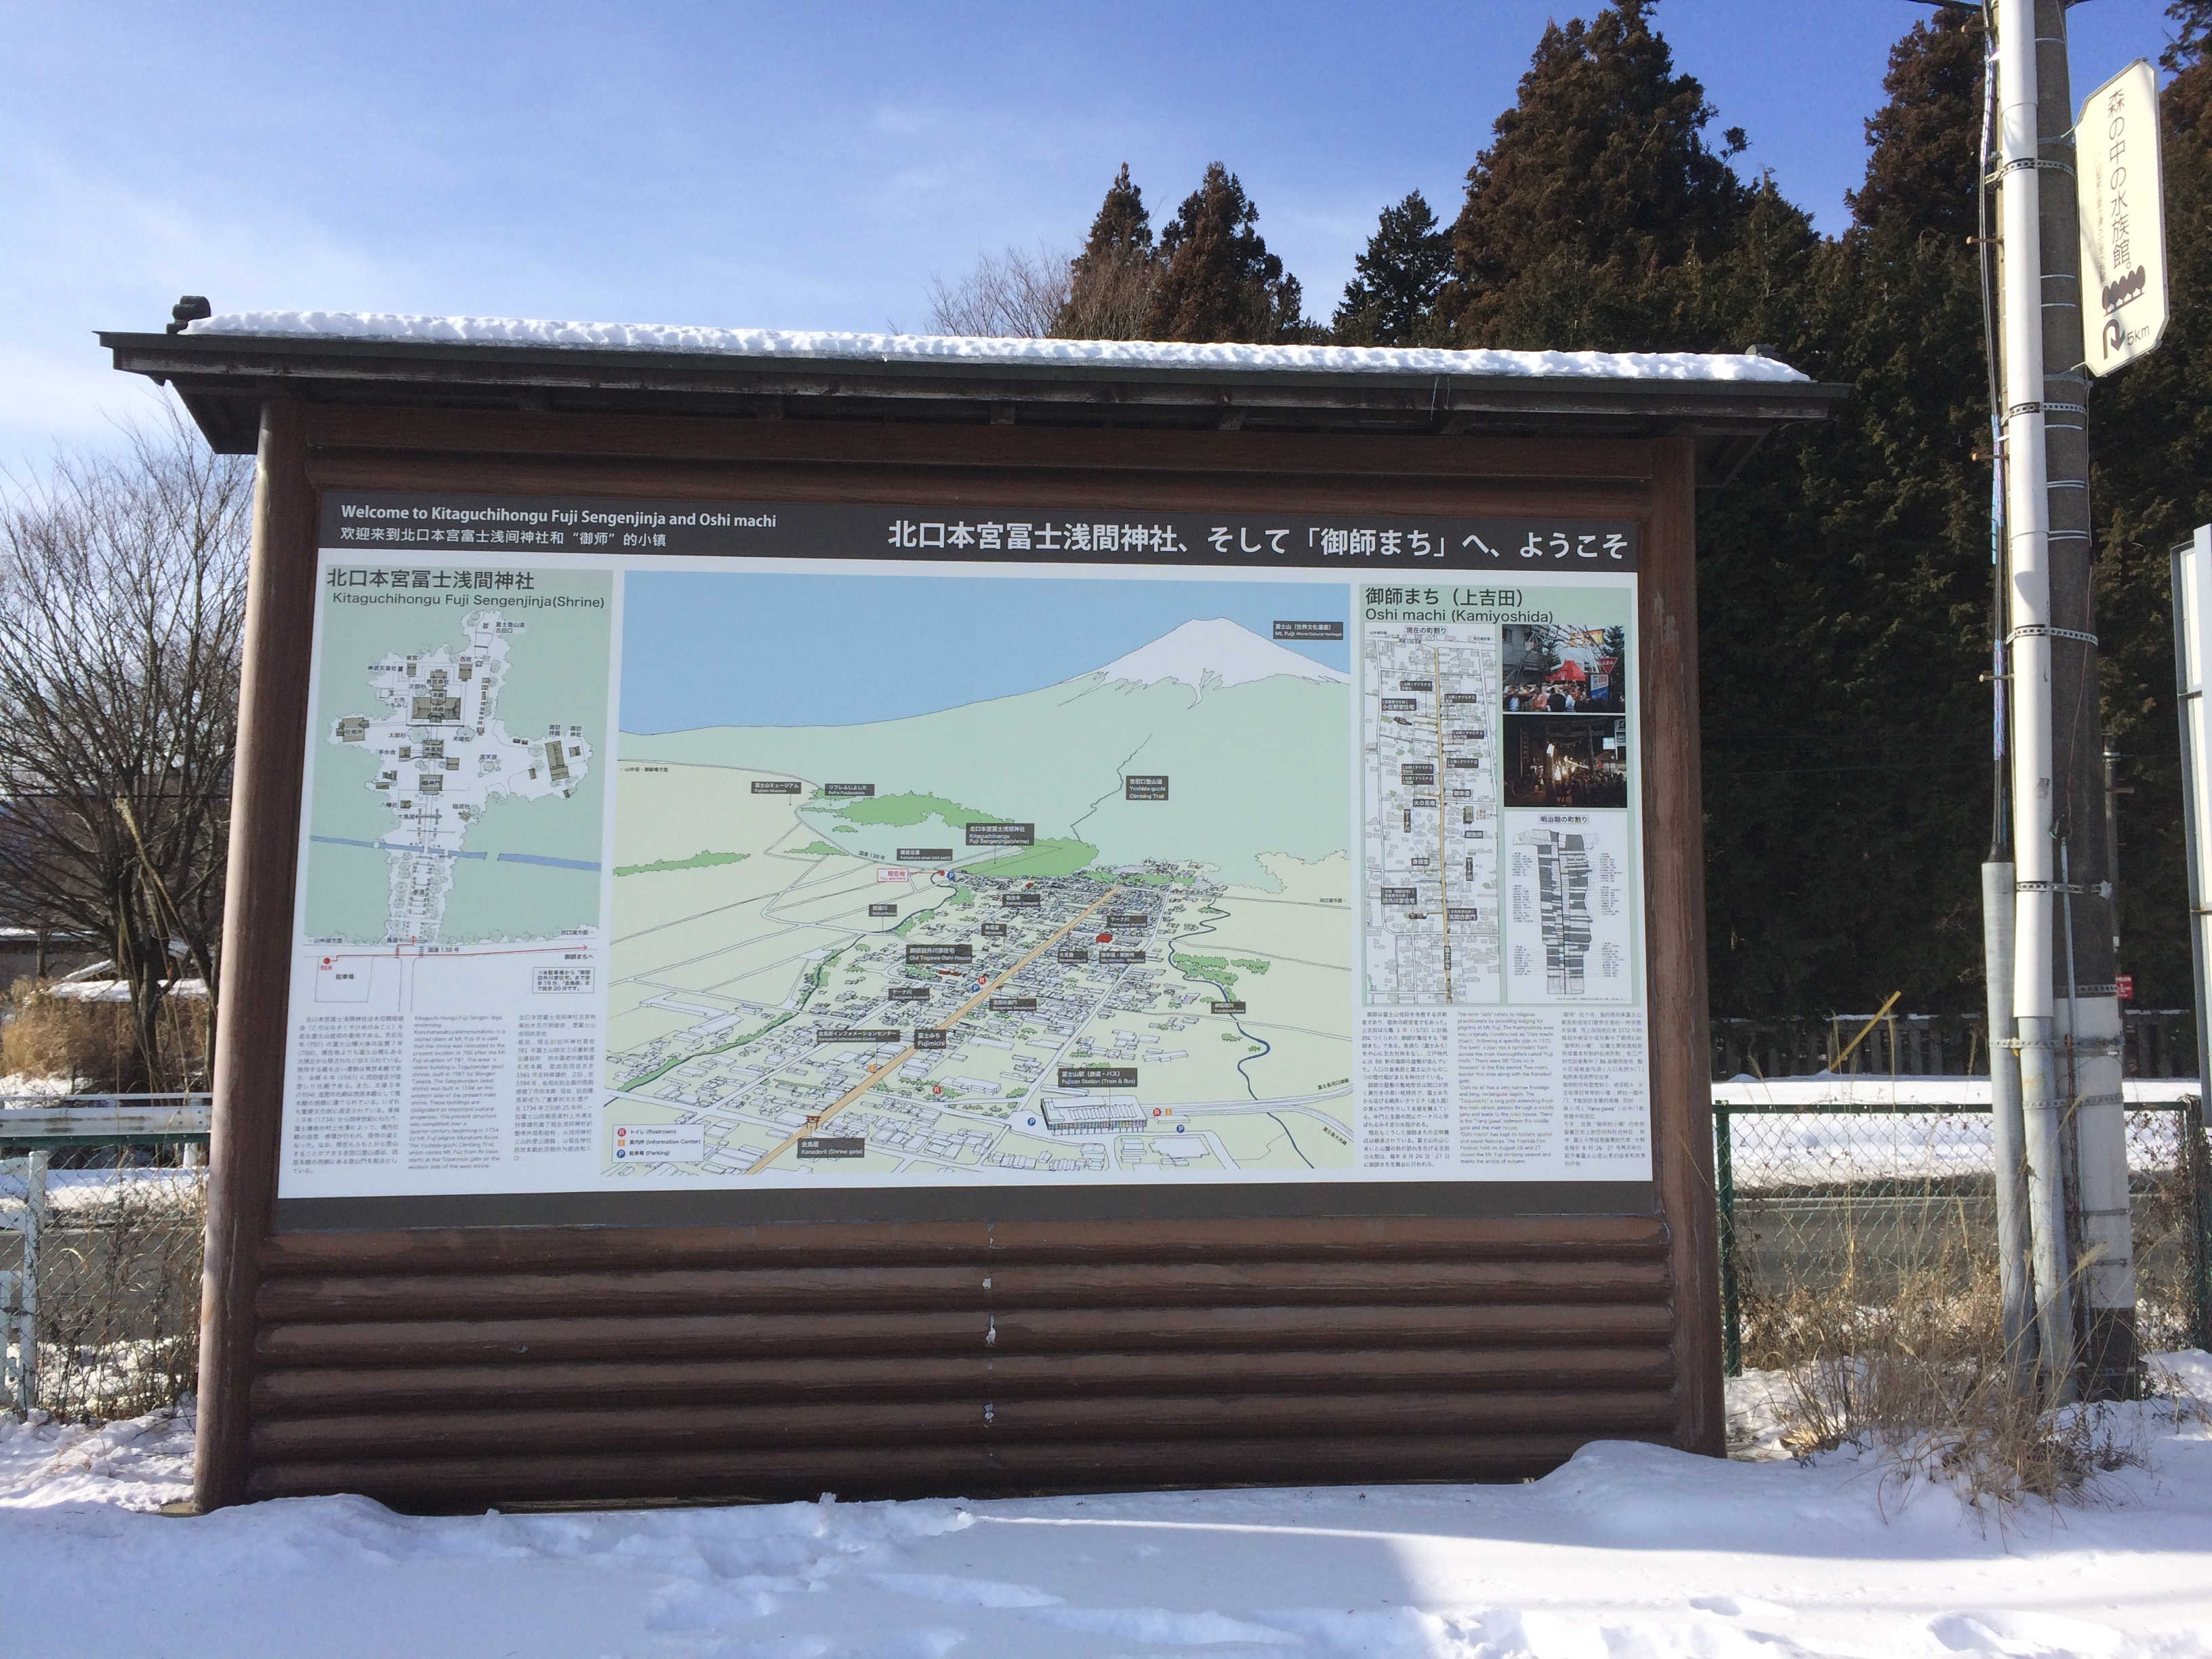 北口本宮富士浅間神社そして、「御師まち」へ、ようこそ